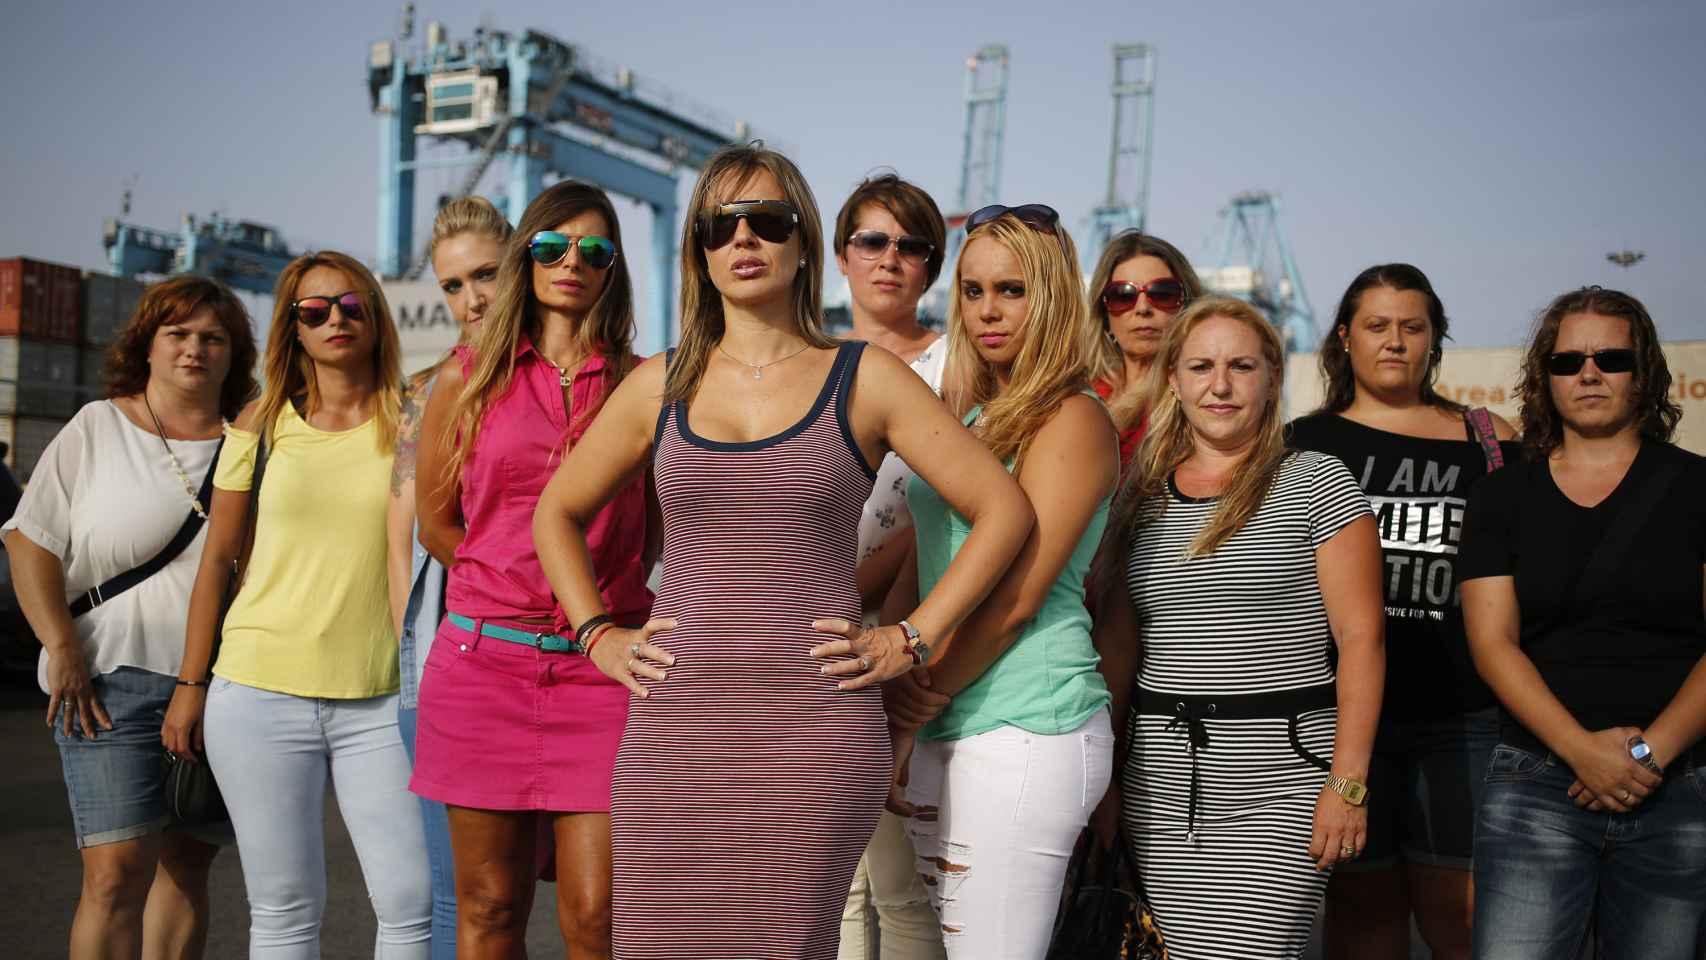 Las estibadoras quieren trabajar en el único puerto español que sólo contrata varones.